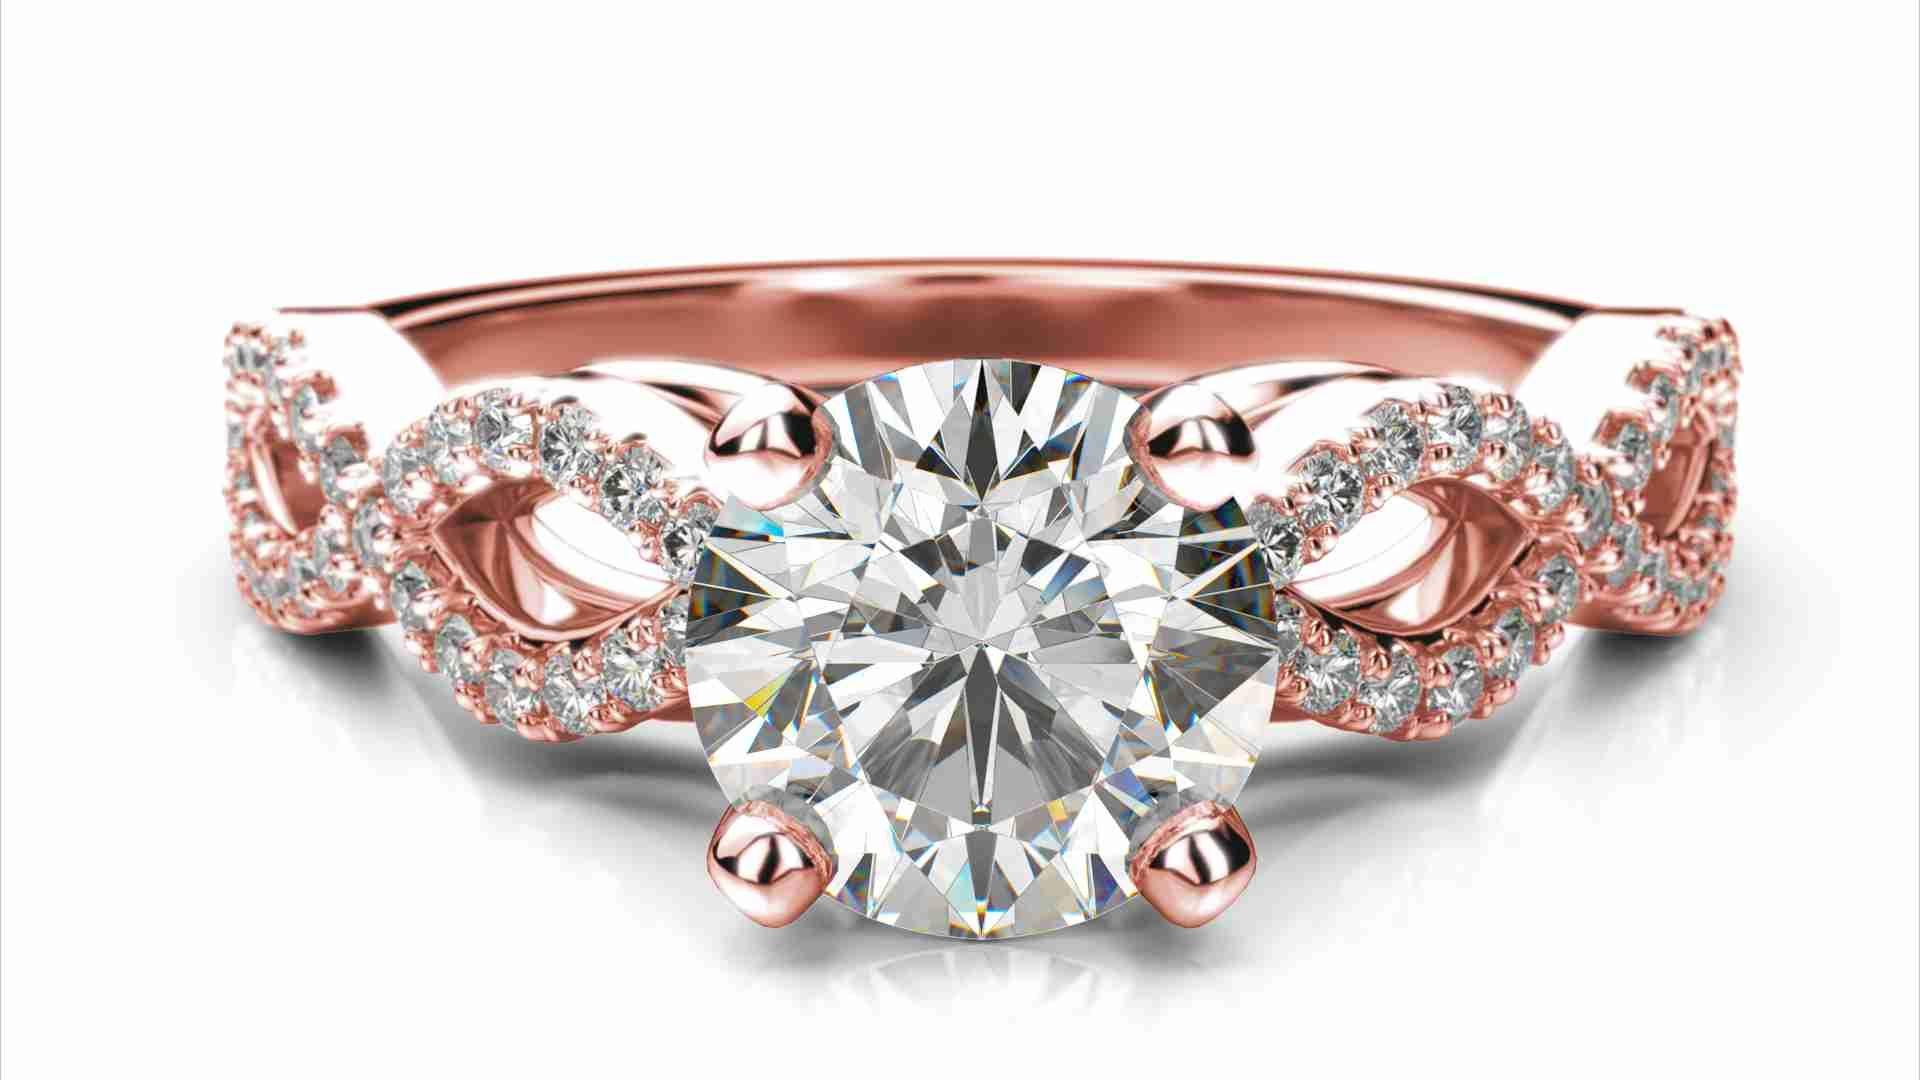 52a1159e1 Zlatý zásnubný prsteň TALA z ružového zlata 14 karátové briliant okrúhly  solitaire s postrannými diamantmi